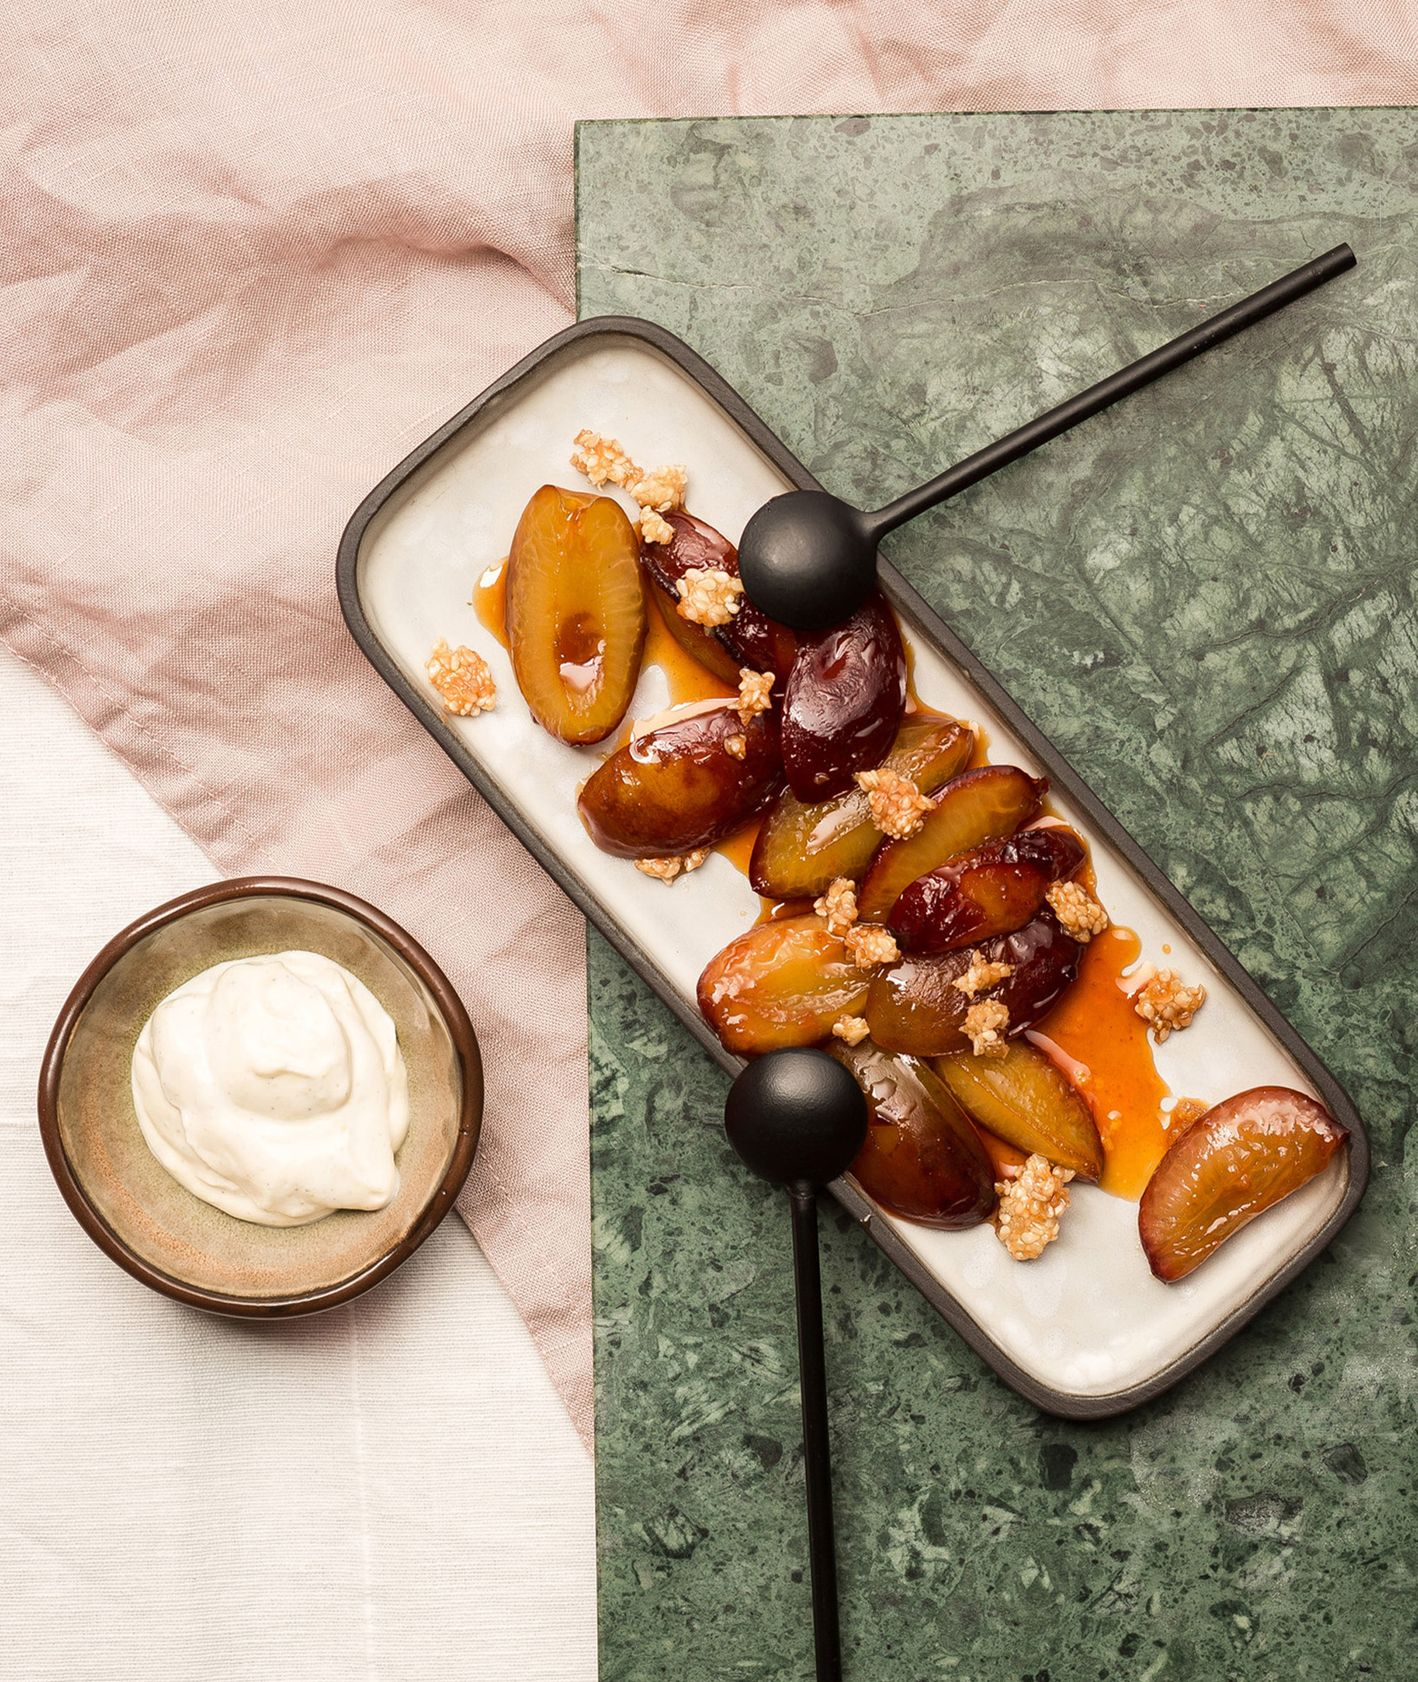 Przepis na szybki deser -  śliwki z patelni z kardamonowym jogurtem. Jak przygotować śliwki z patelni i kardamonowy jogurt (fot. dinnershow.studio)